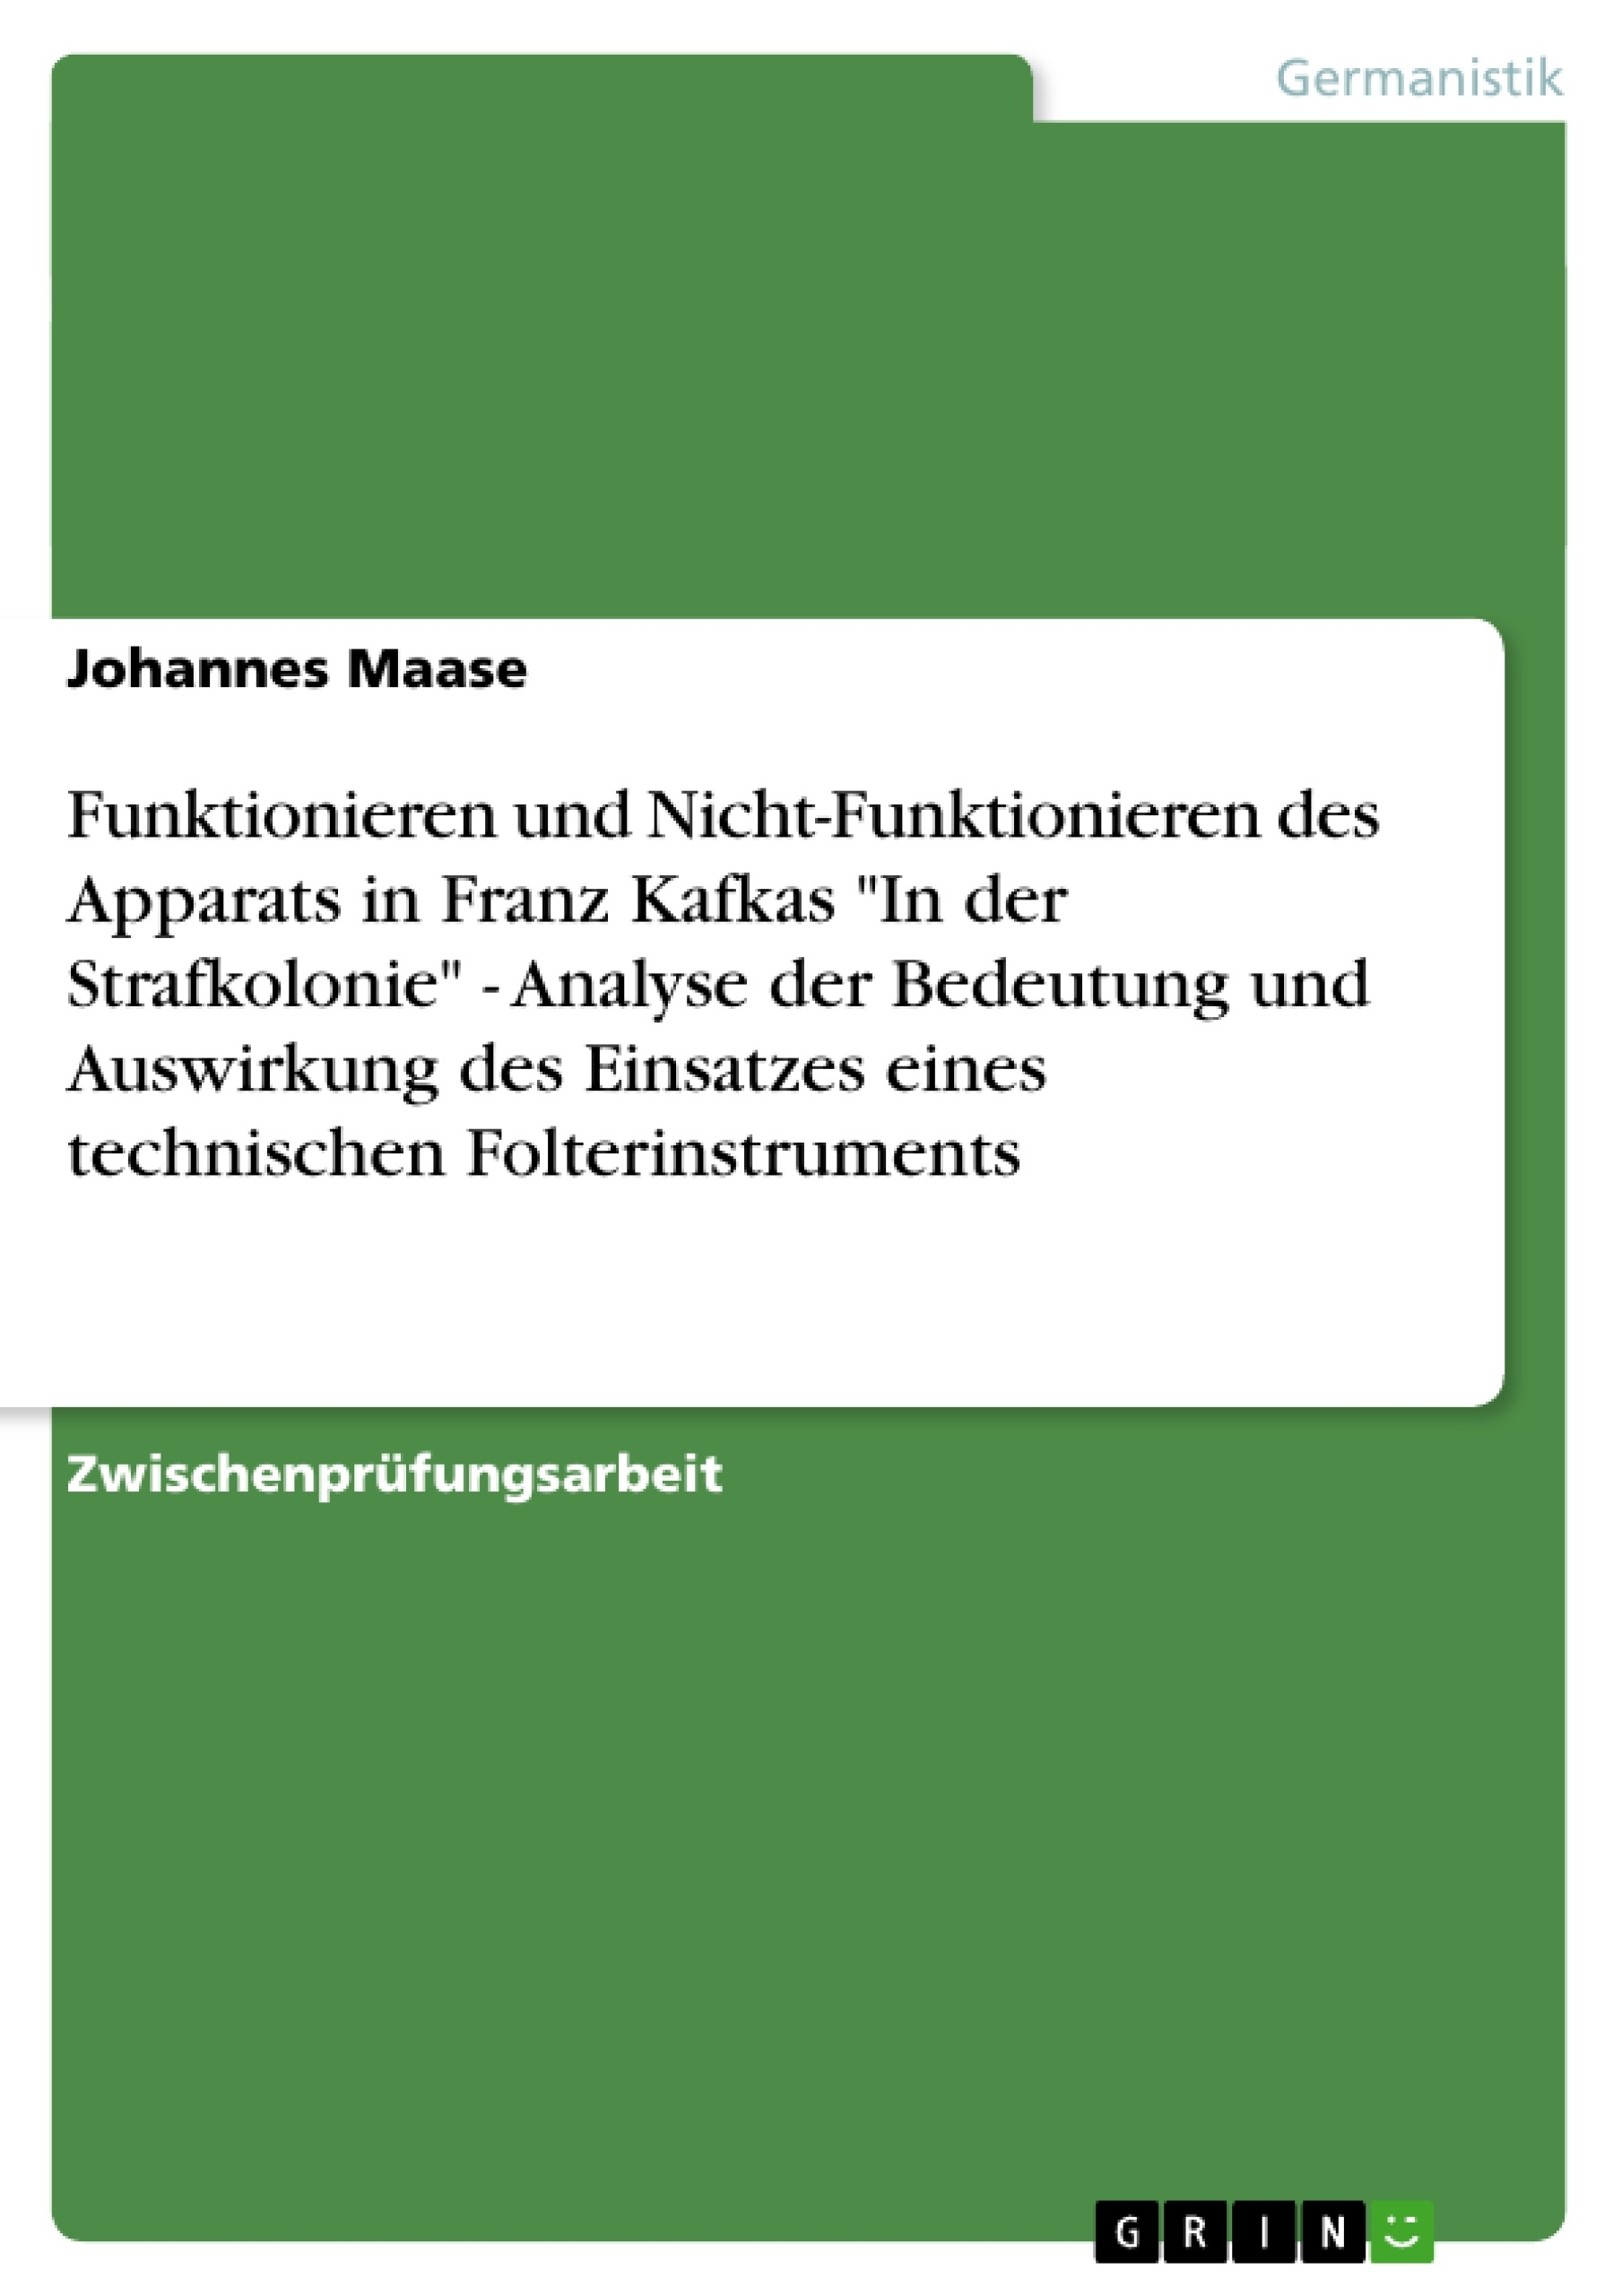 """Titel: Funktionieren und Nicht-Funktionieren des Apparats in Franz Kafkas """"In der Strafkolonie"""" - Analyse der Bedeutung und Auswirkung des Einsatzes eines technischen Folterinstruments"""